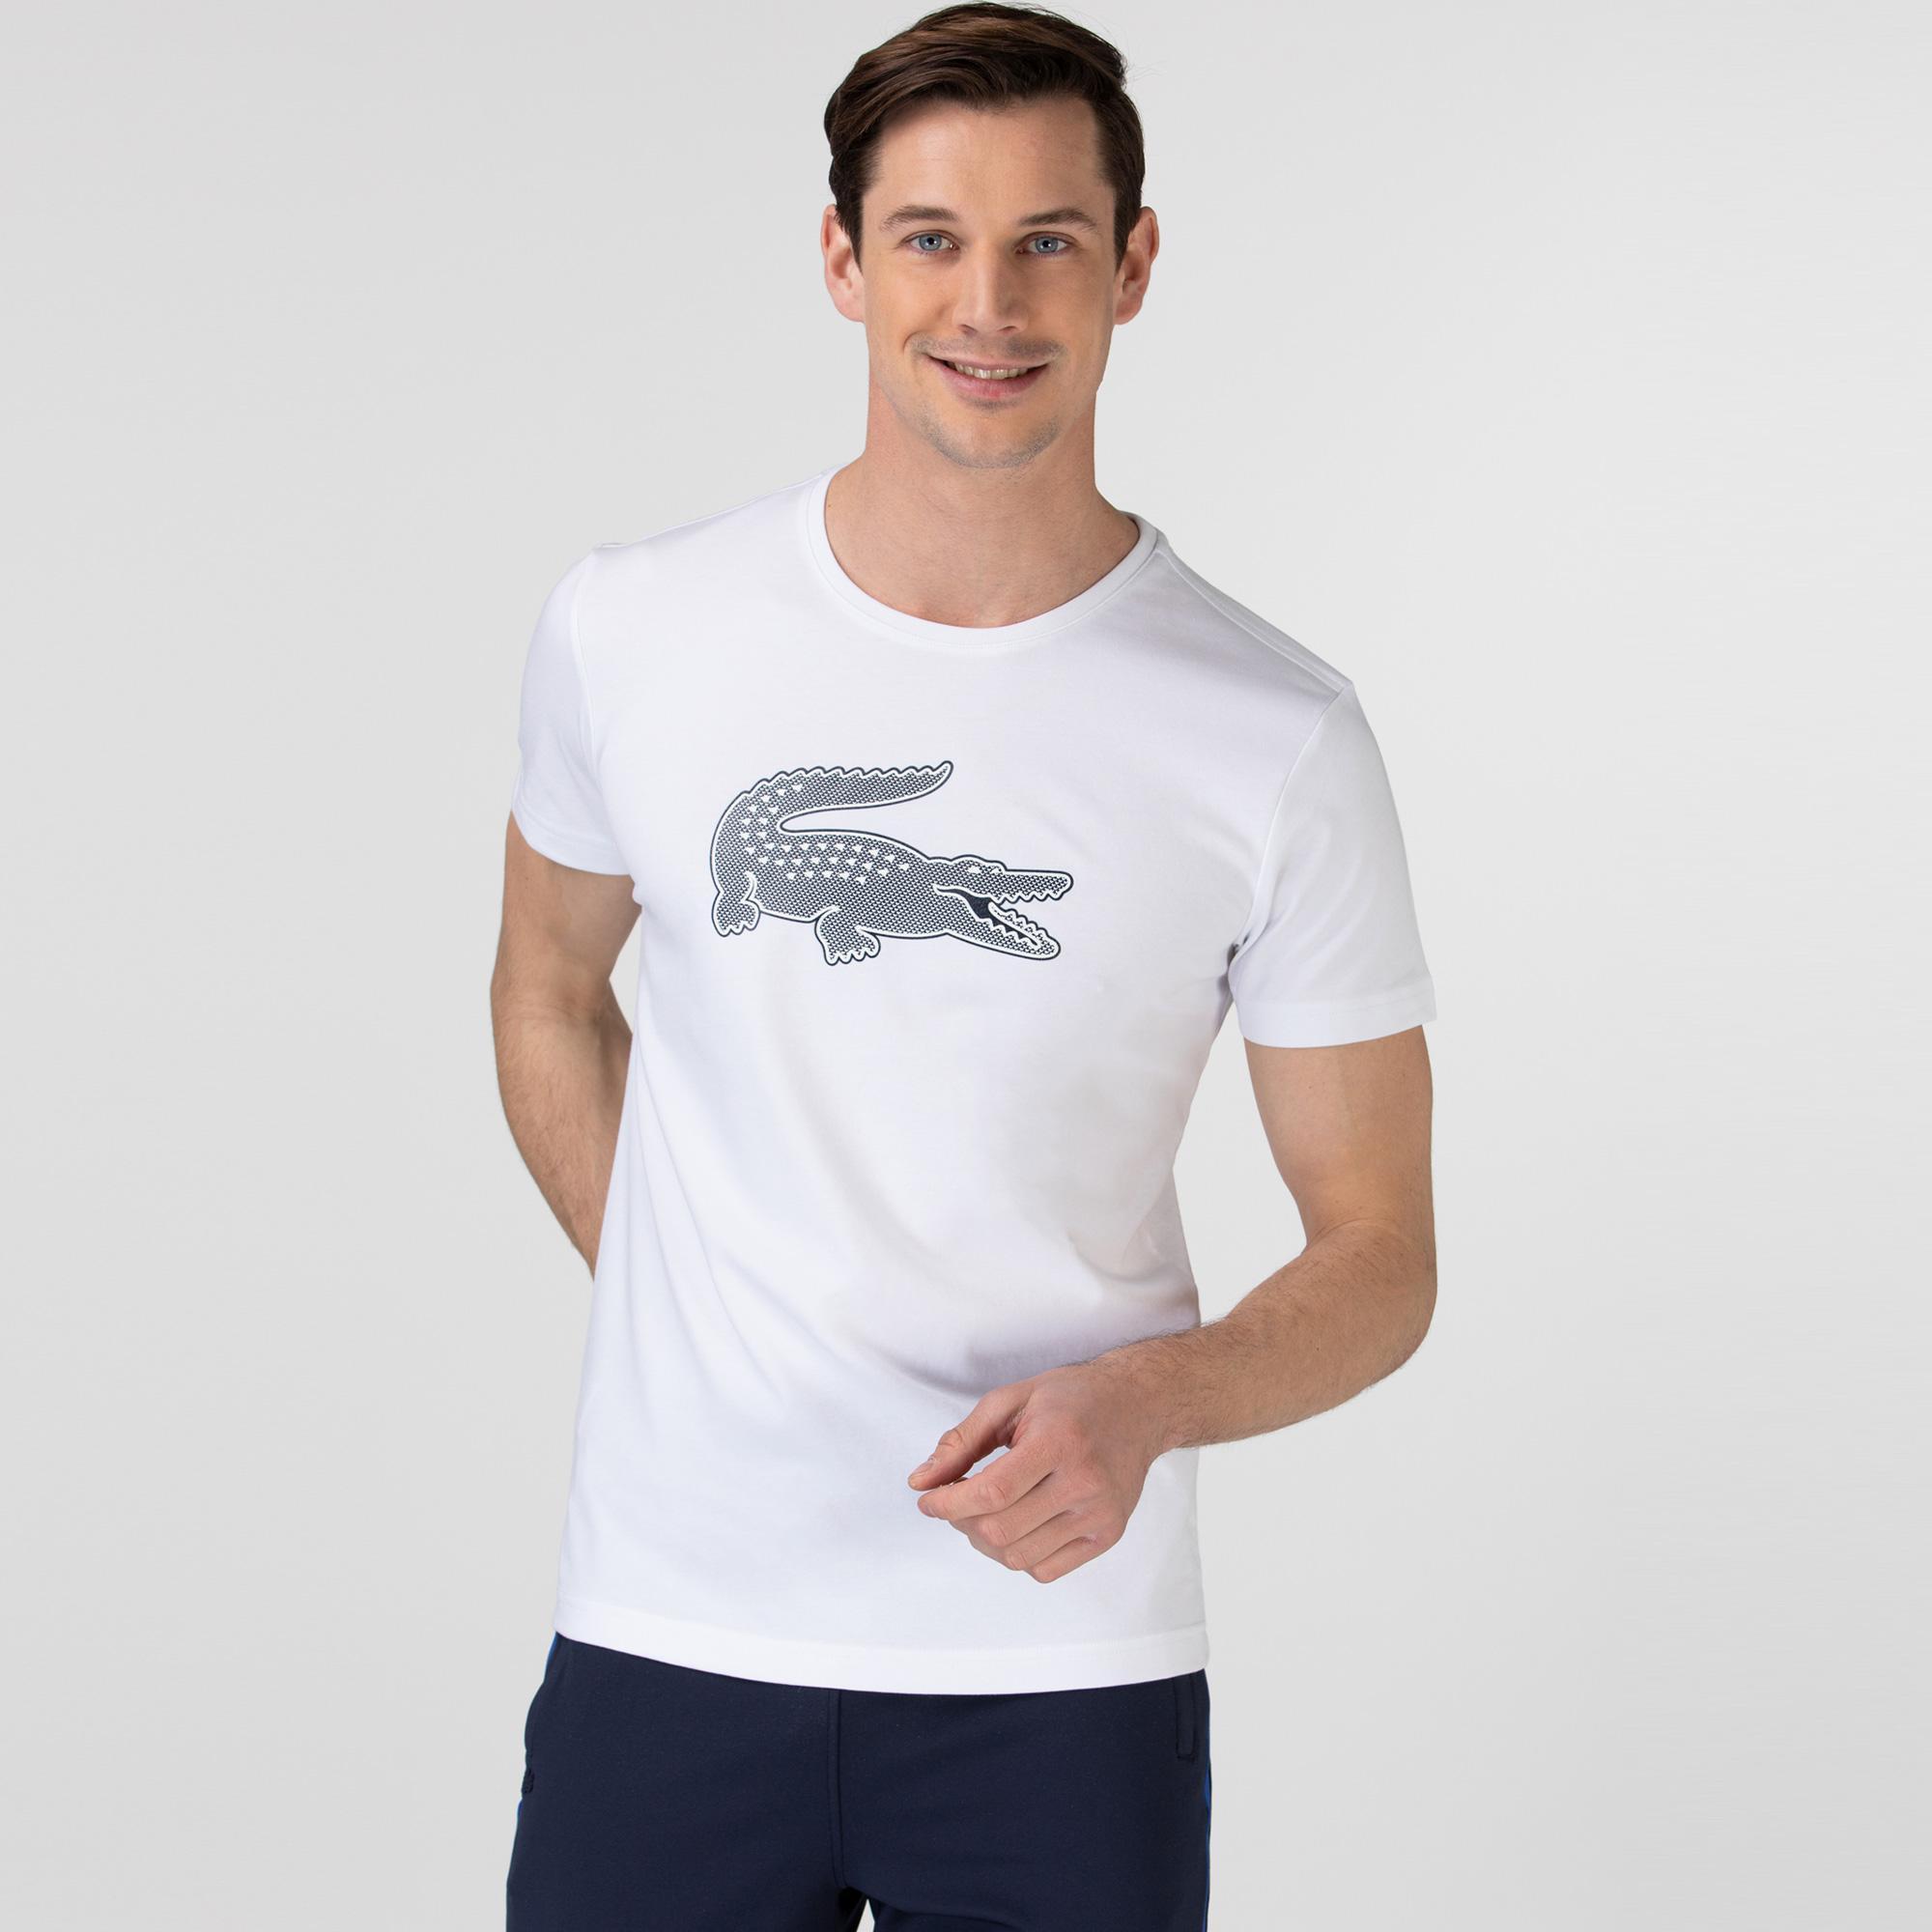 Lacoste Men's SPORT 3D Print Crocodile Breathable Jersey T-shirt